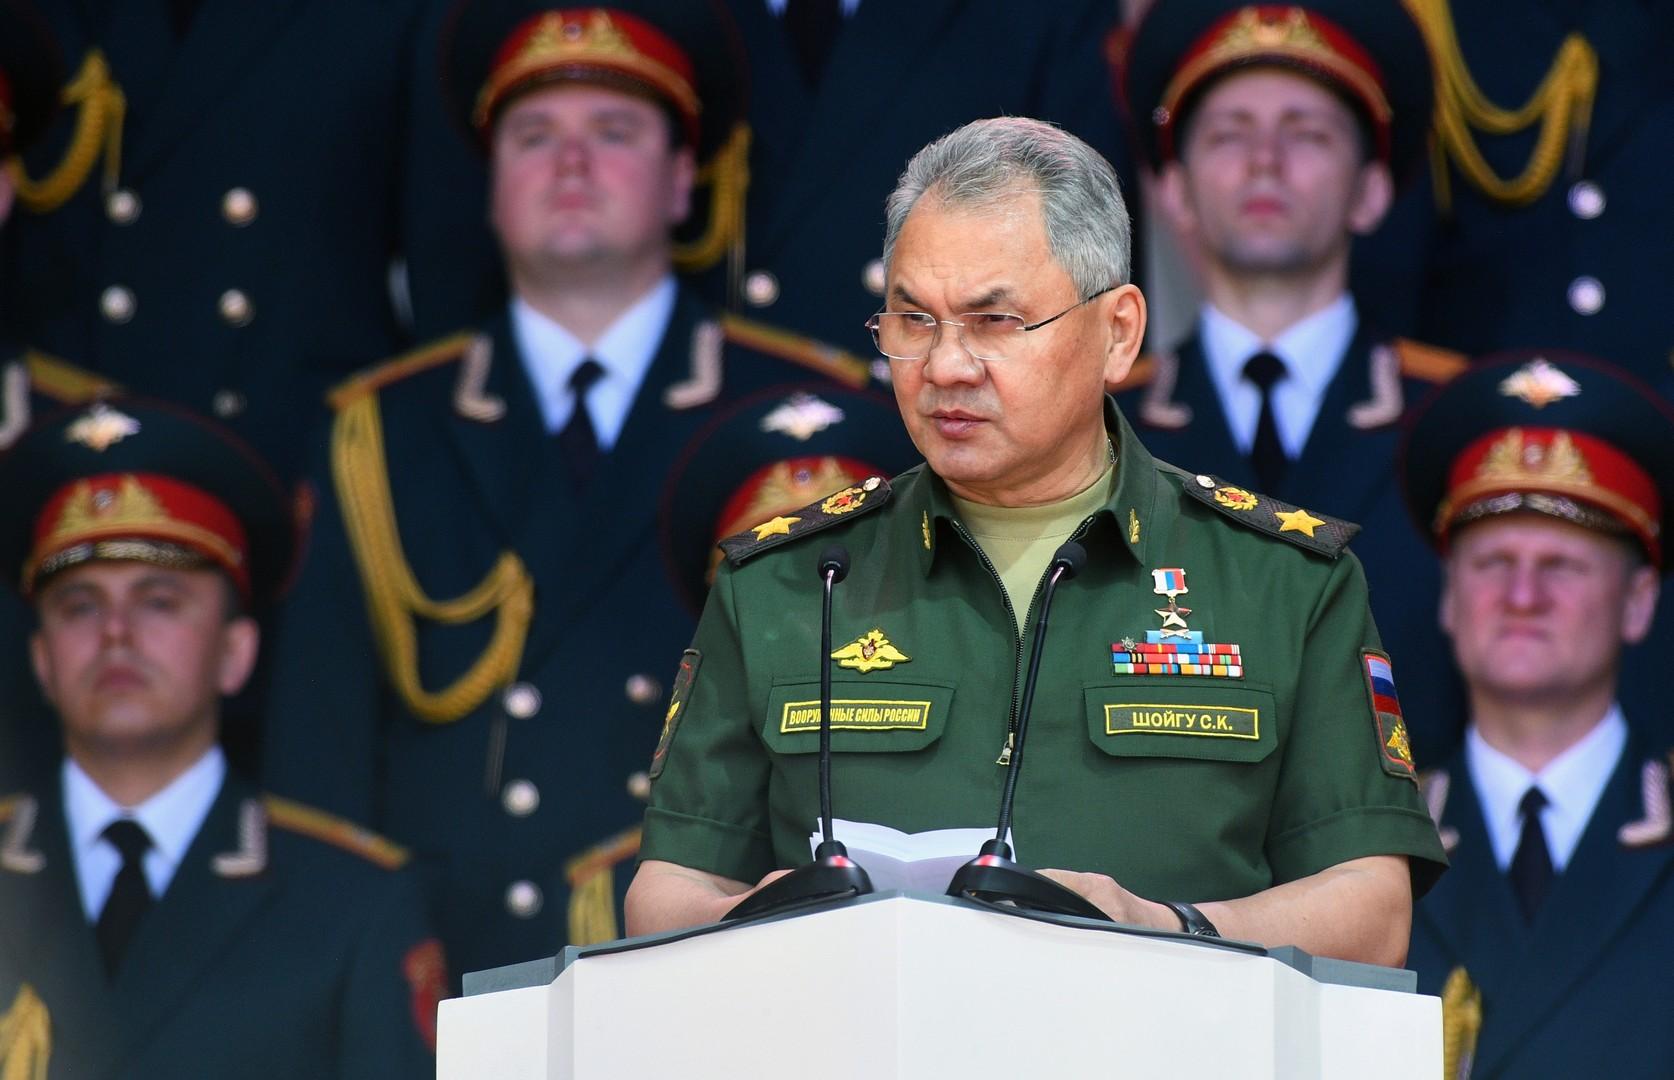 شويغو: صناعات الدفاع الروسية سجلت وتيرة نمو إيجابية رغم العقوبات